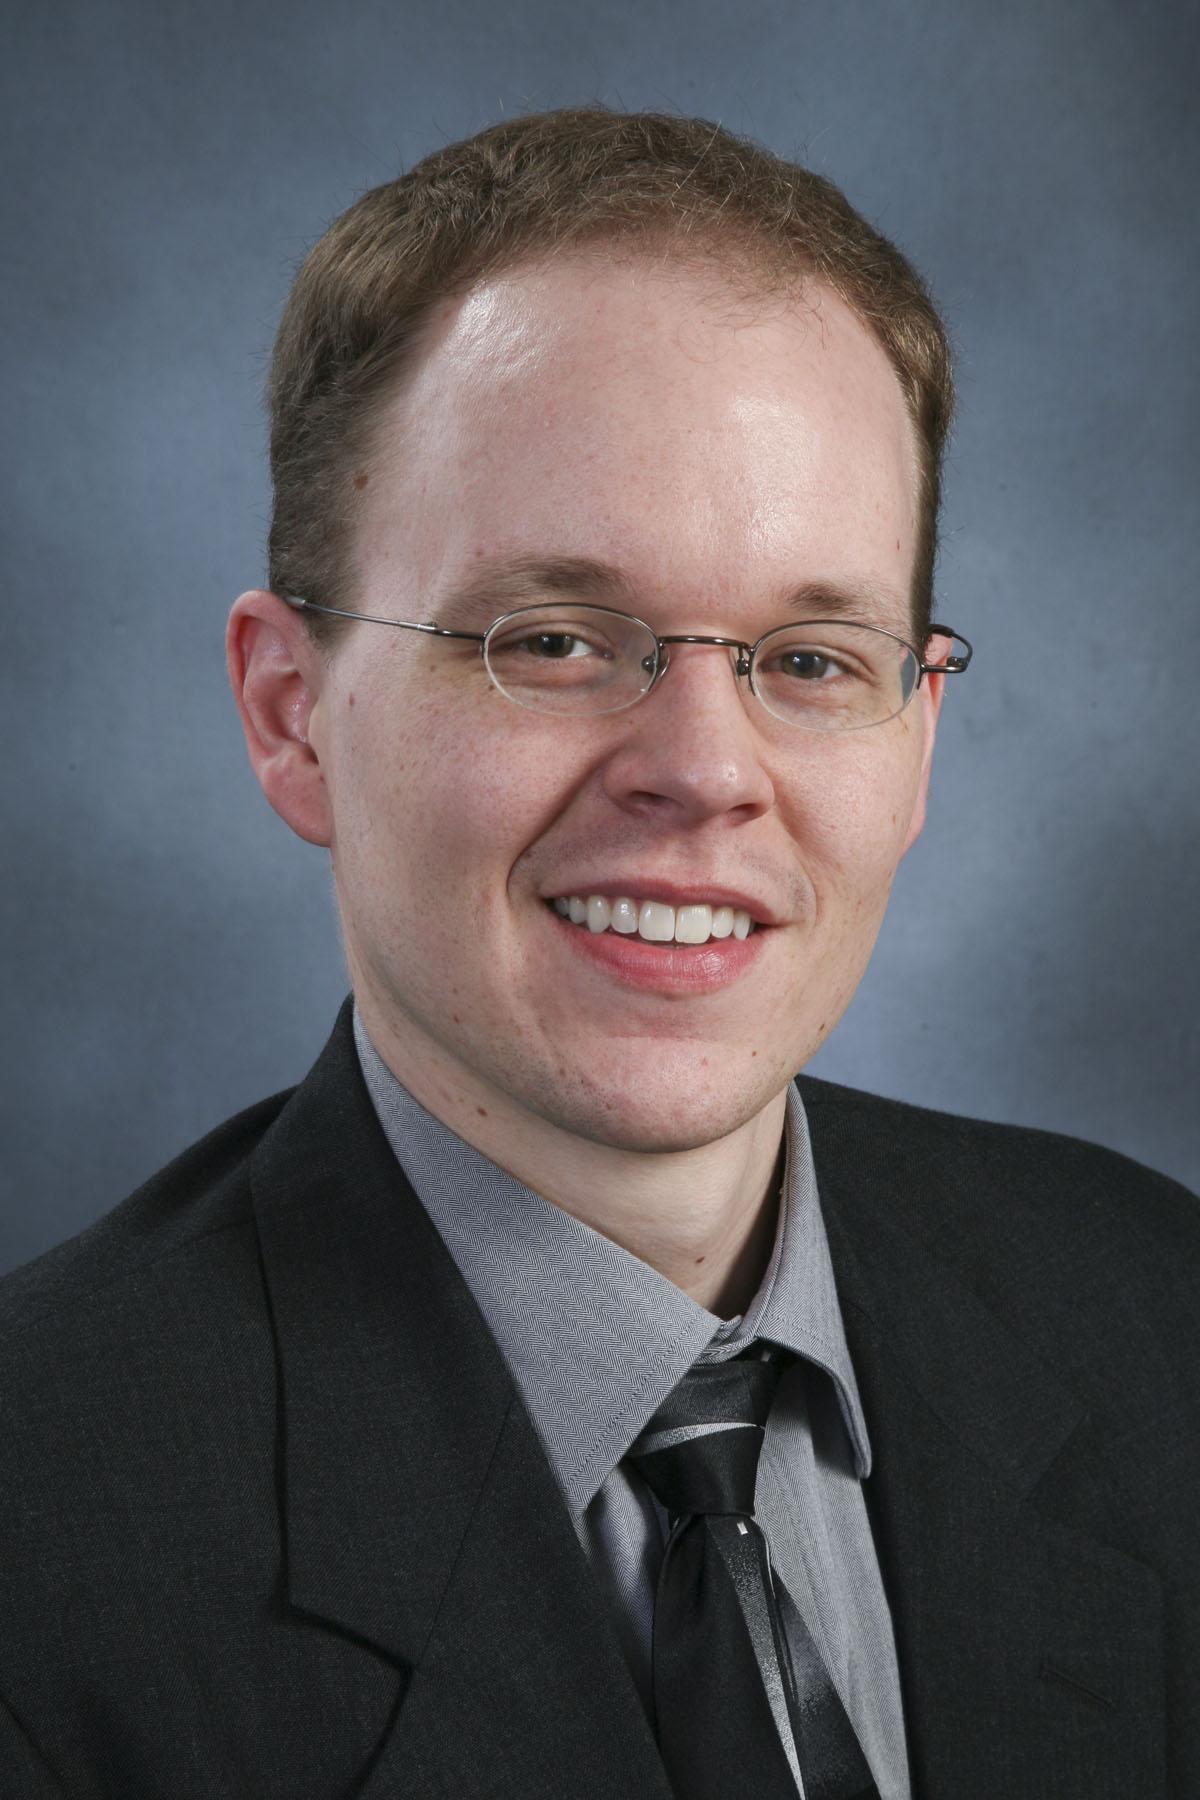 Jacob Warren